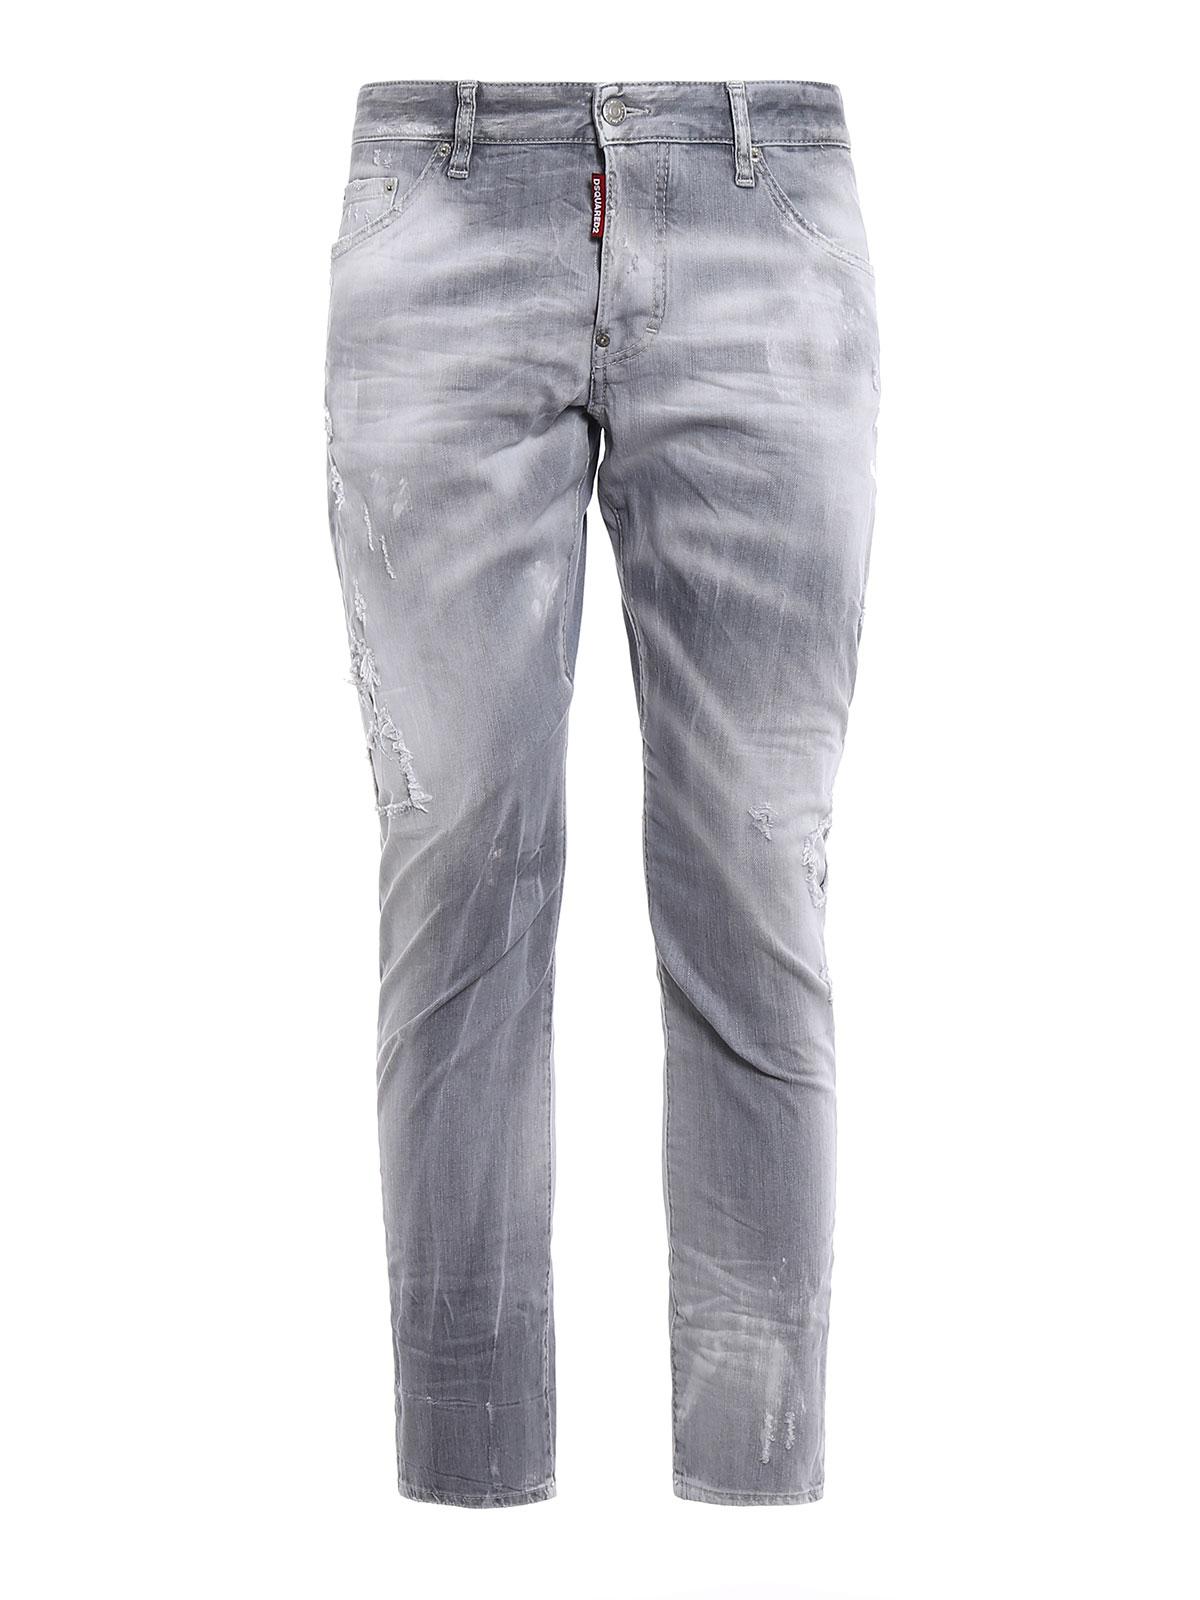 58fd1019c Dsquared2 - Jean Skinny - Sexy Twist - Jeans skinny - S71LB0413 ...